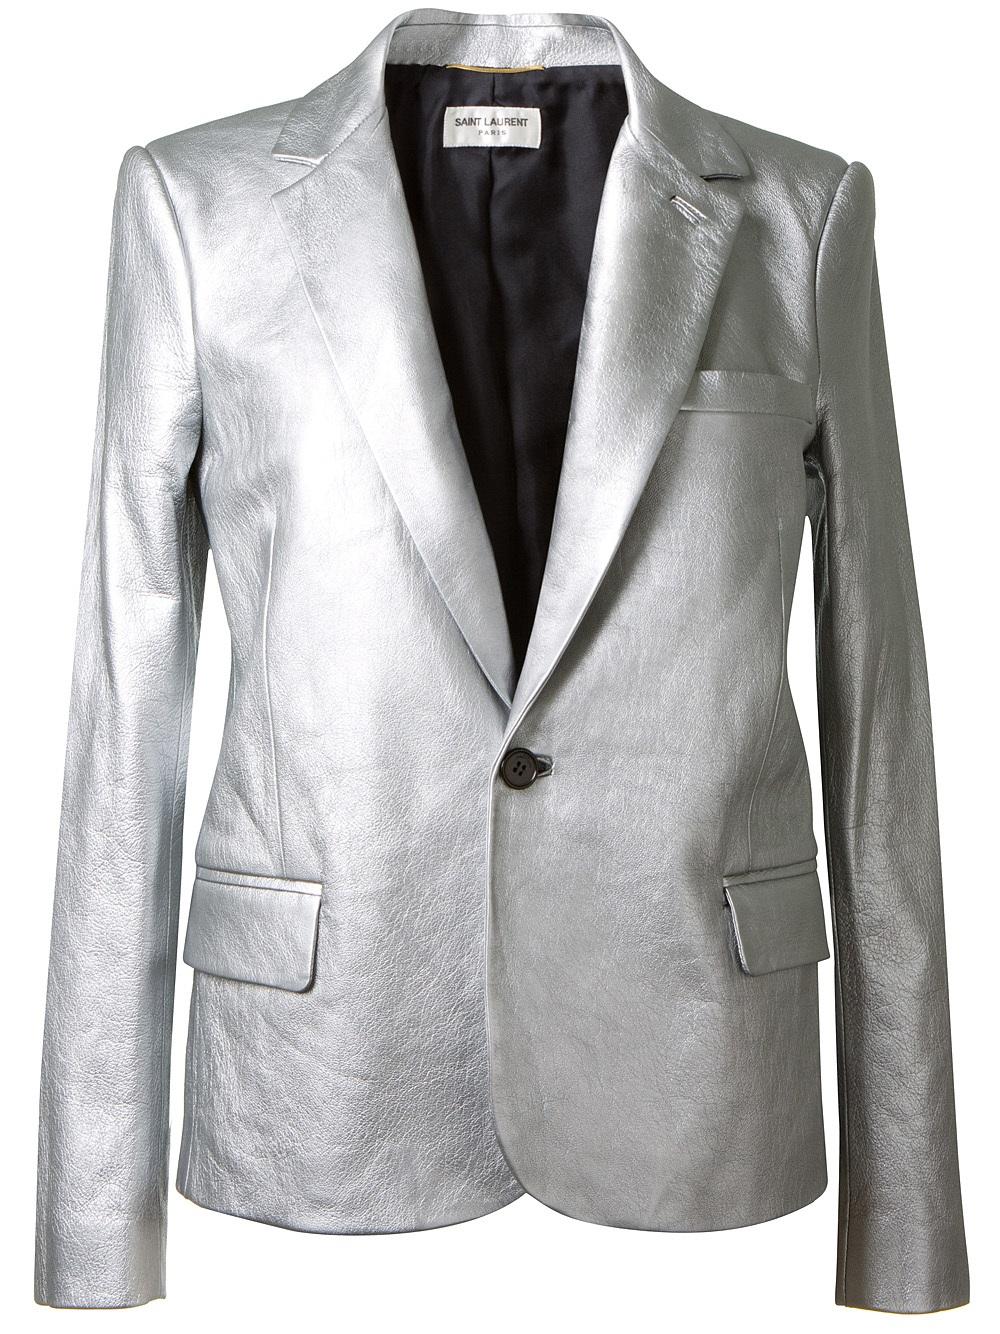 Plus Size Suit Jackets